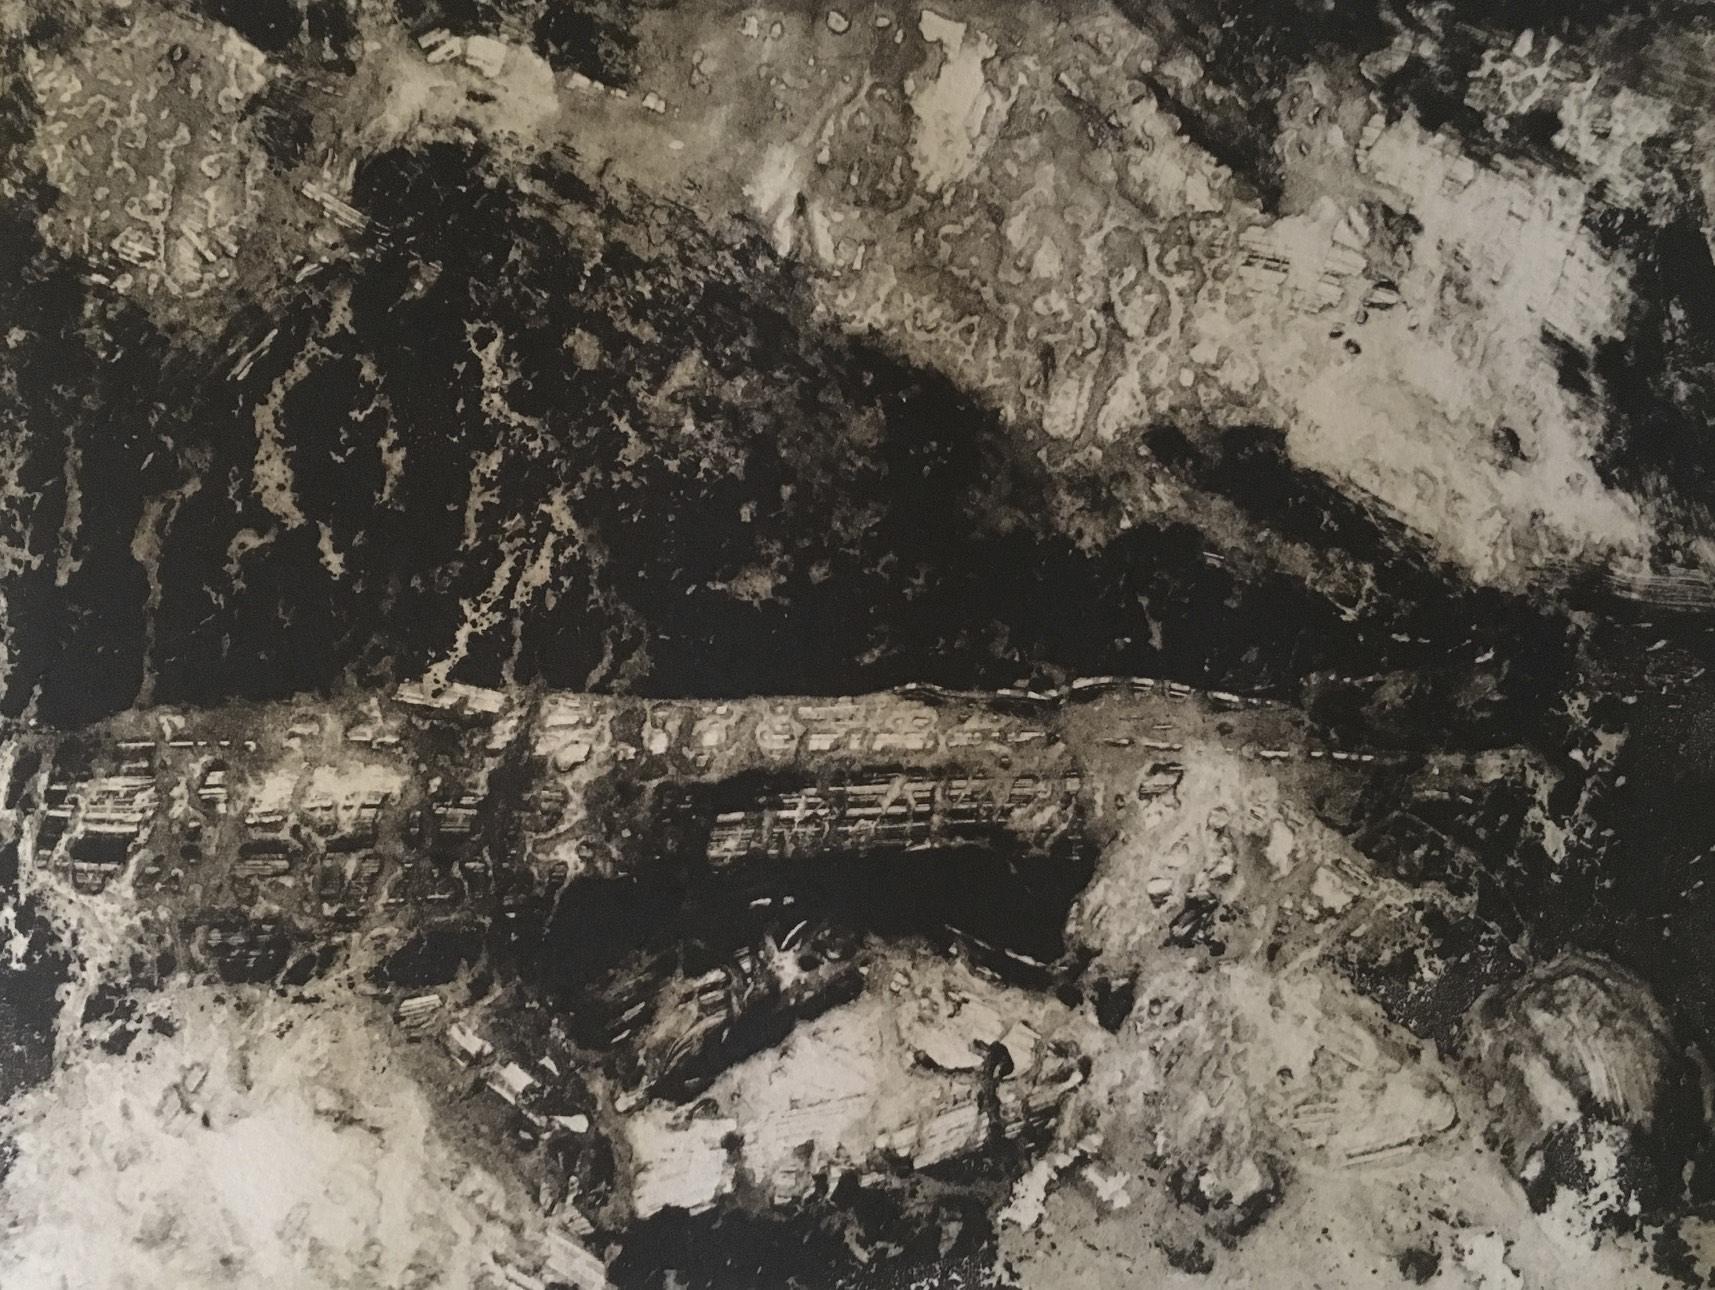 Geraldine van Heemstra - Hebridean Sequence, Series I # 1, 2018, Monotype, 15 x 20 cm.jpg